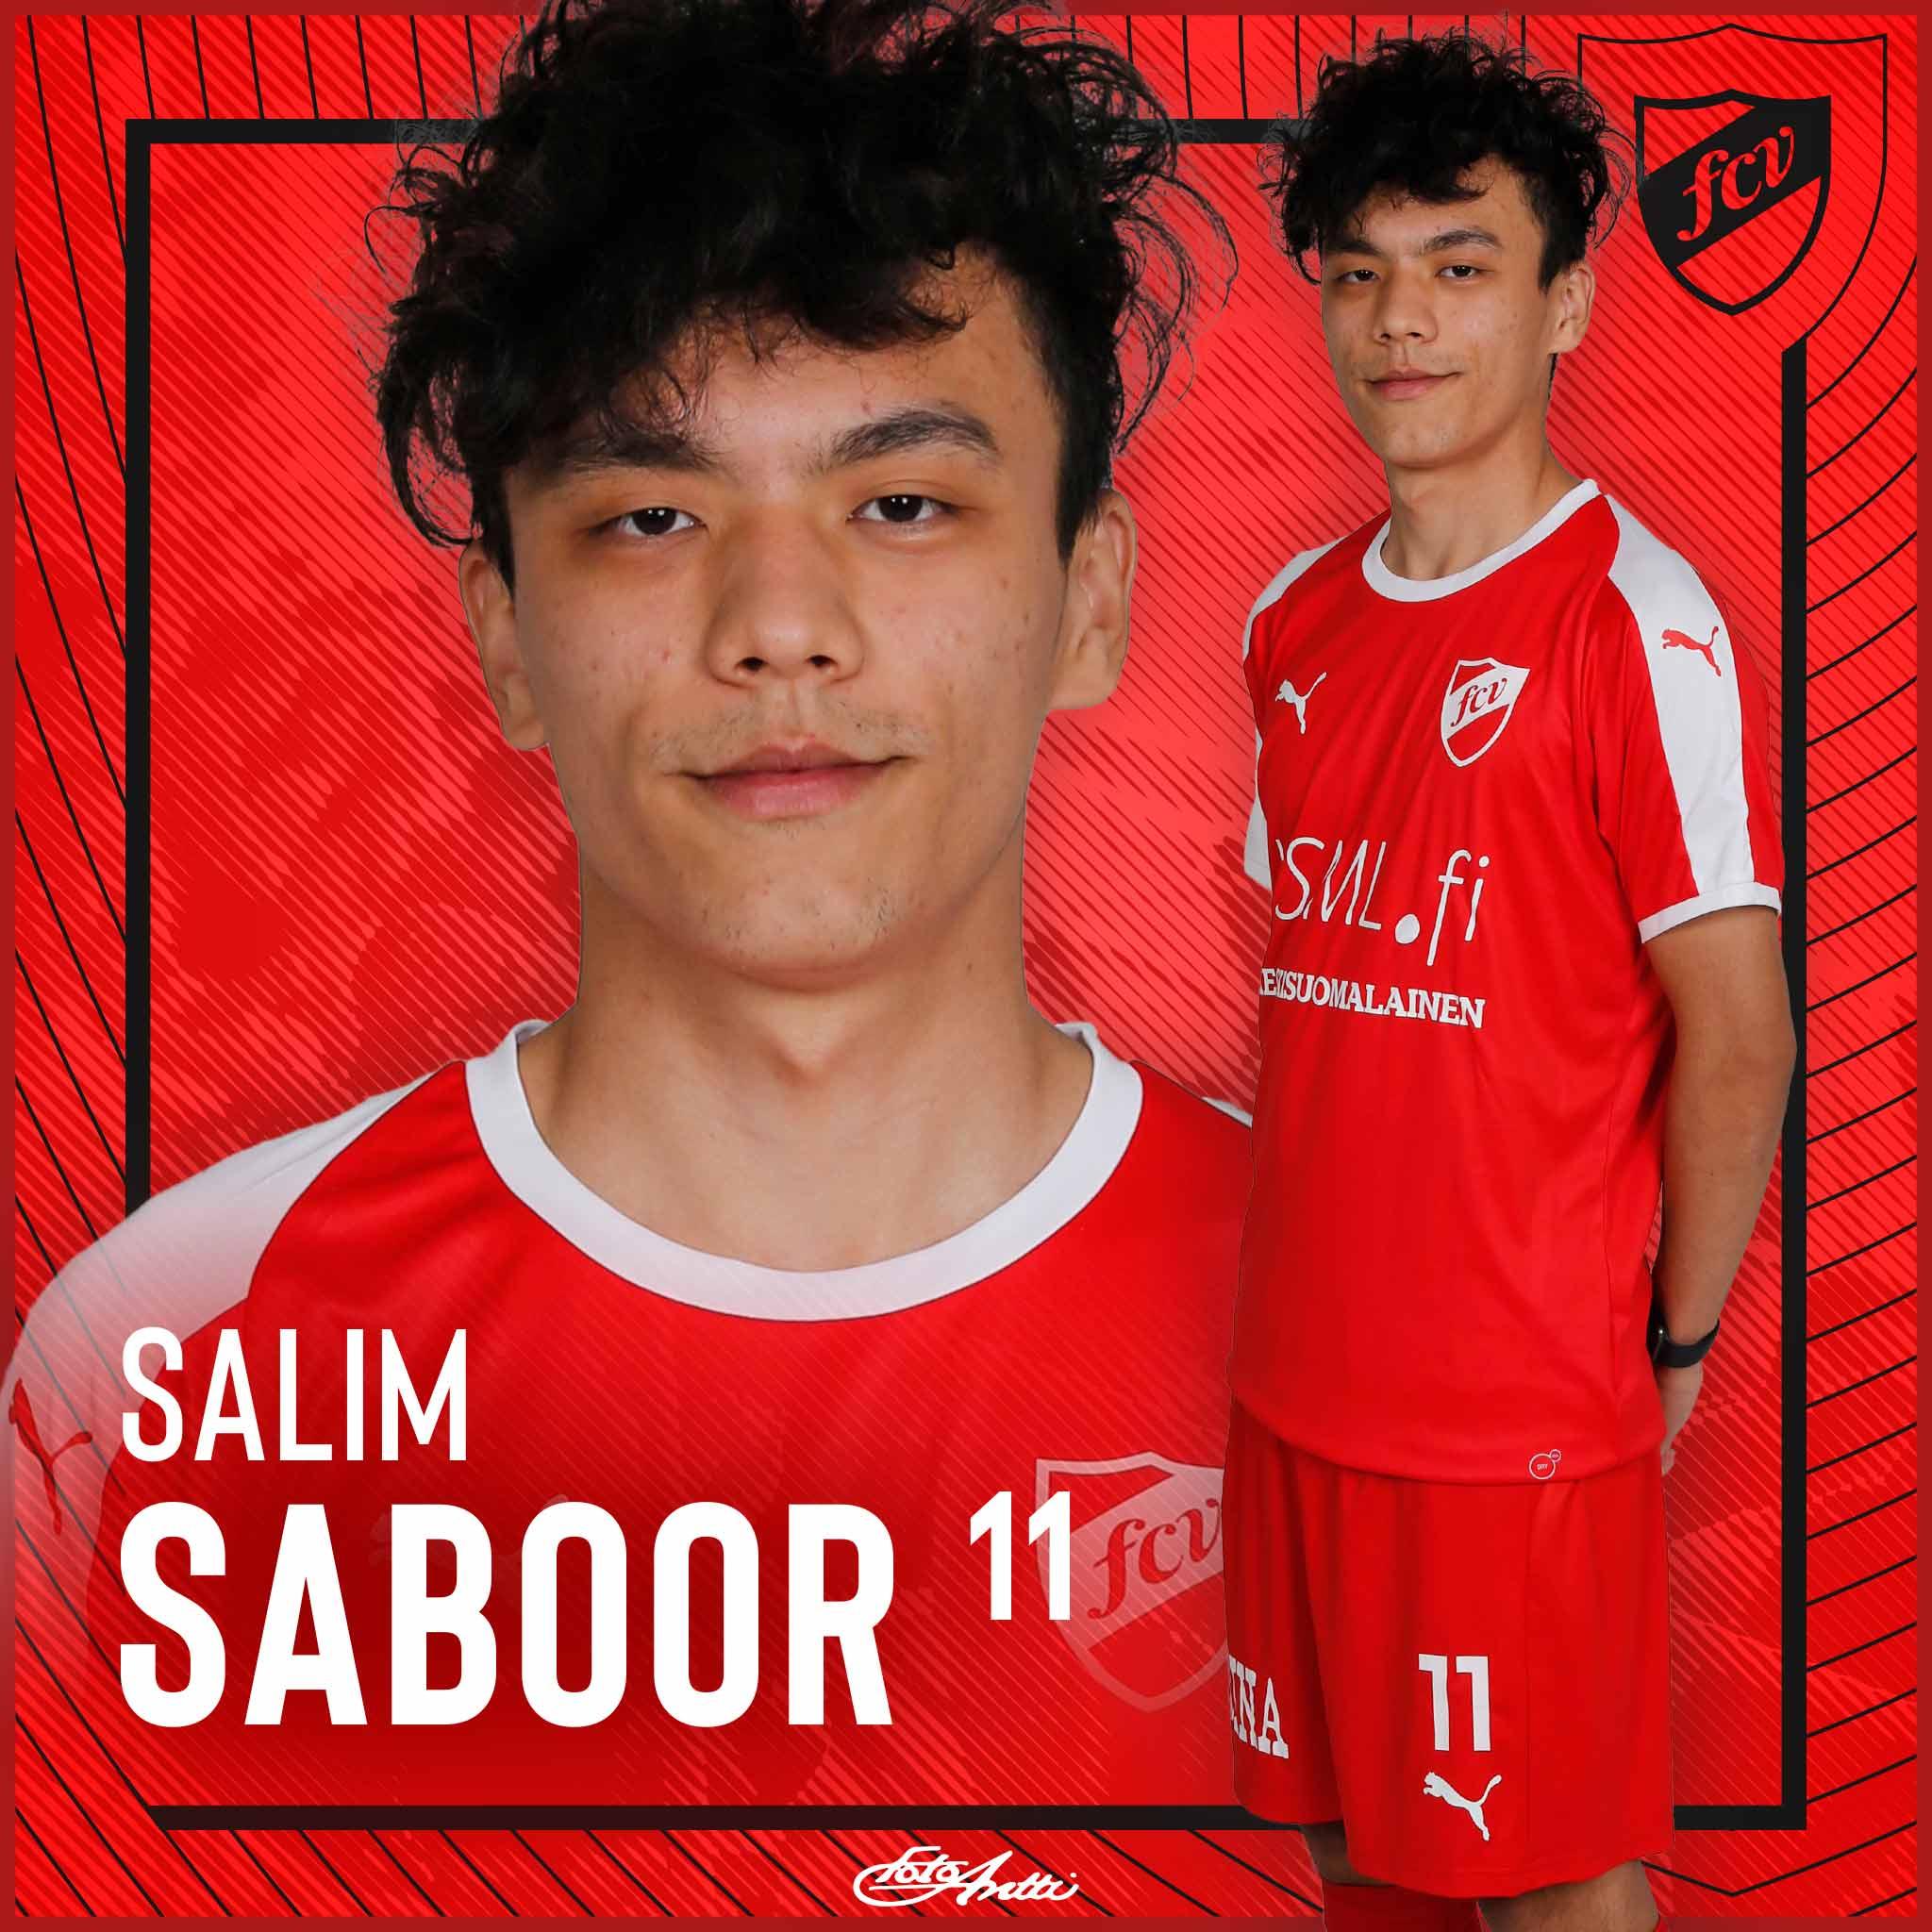 Salim Saboor